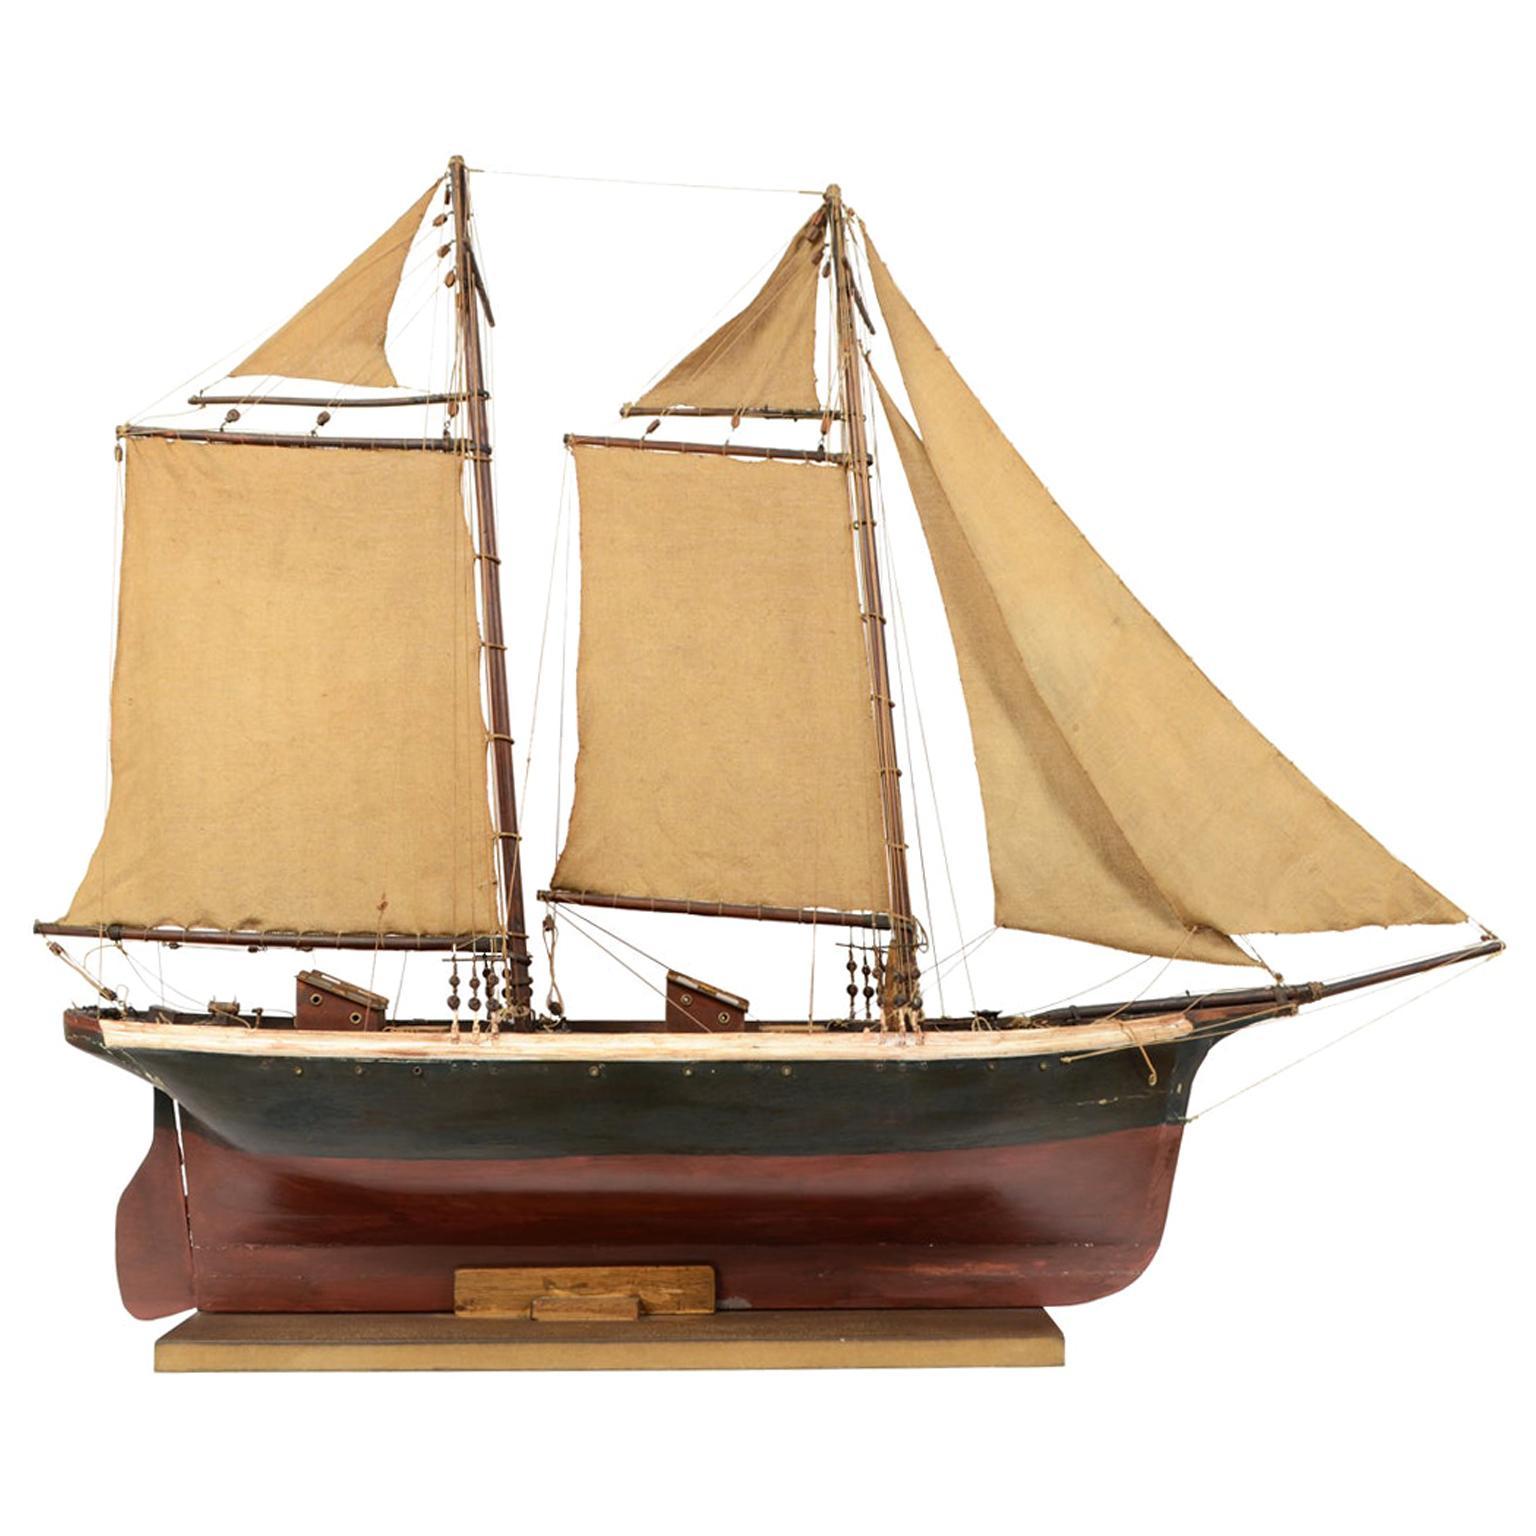 Wooden Model of a Schooner, Early 1900s